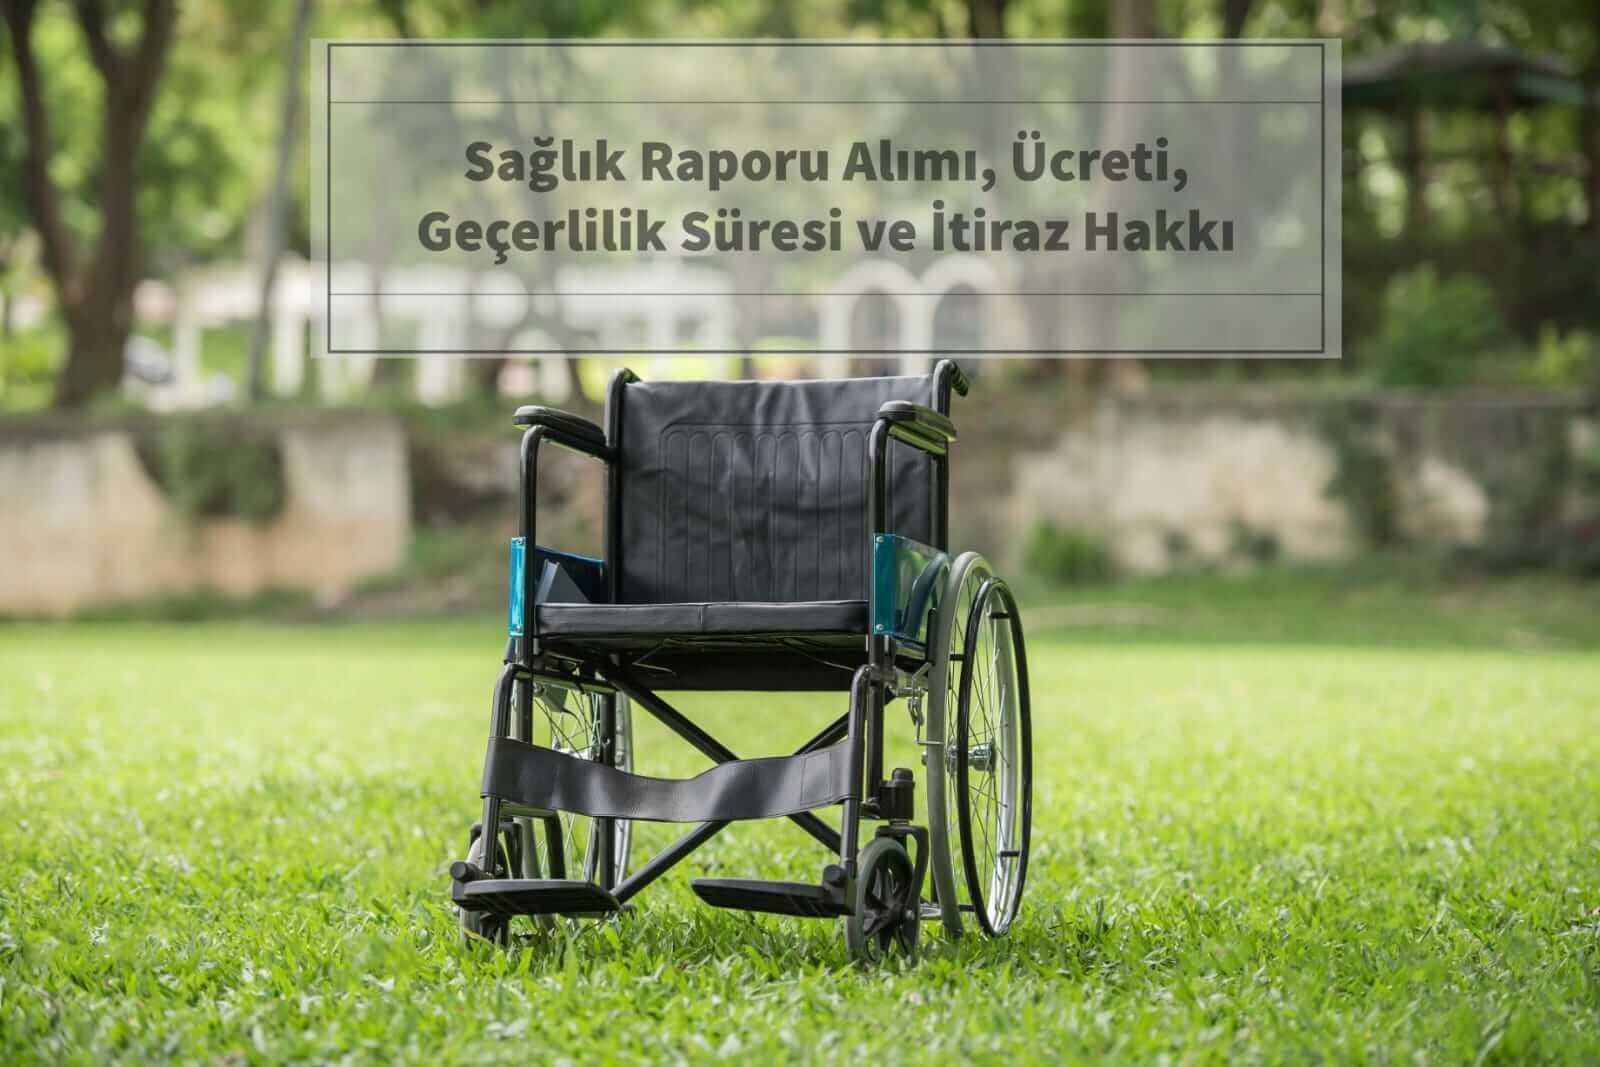 Photo of Engelli Sağlık Raporu Yenilenmesi Nasıl Yapılır?